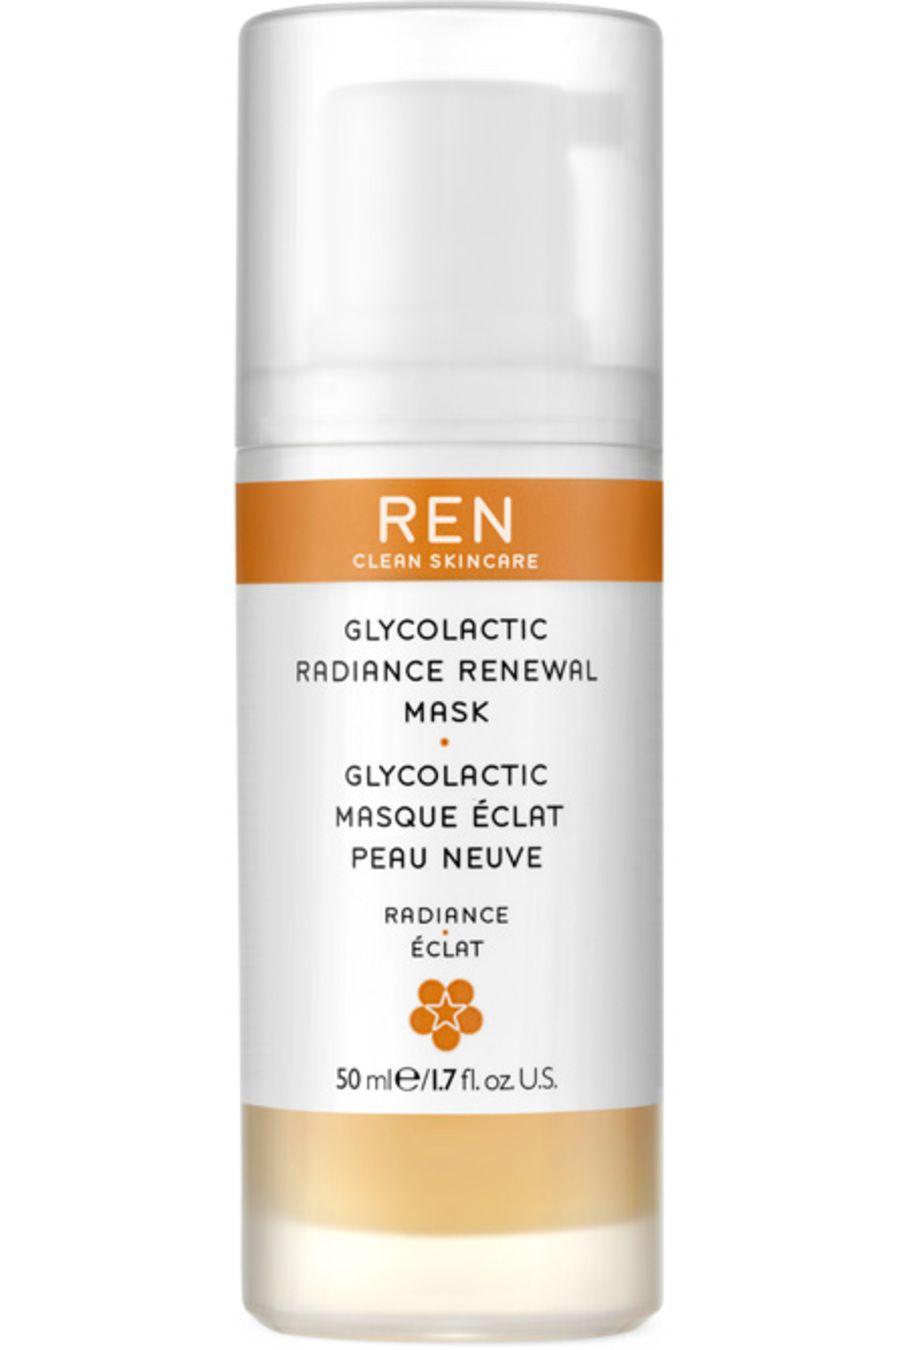 Blissim : REN - Masque peeling éclat peau neuve Radiance - Masque peeling éclat peau neuve Radiance